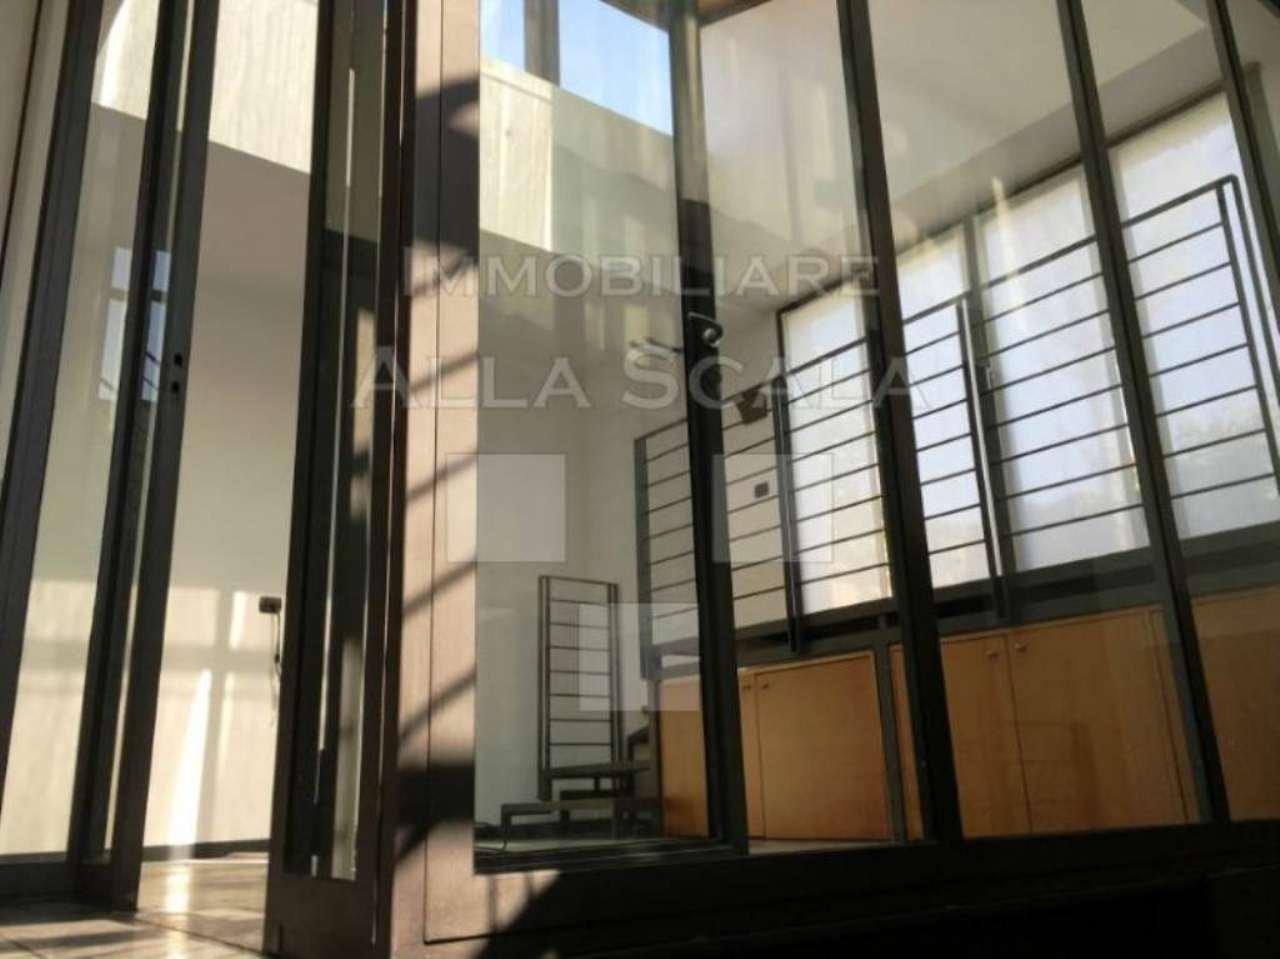 Ufficio / Studio in affitto a Milano, 5 locali, zona Zona: 10 . P.ta Genova, Romolo, Solari, Savona, Tortona, prezzo € 3.666 | CambioCasa.it